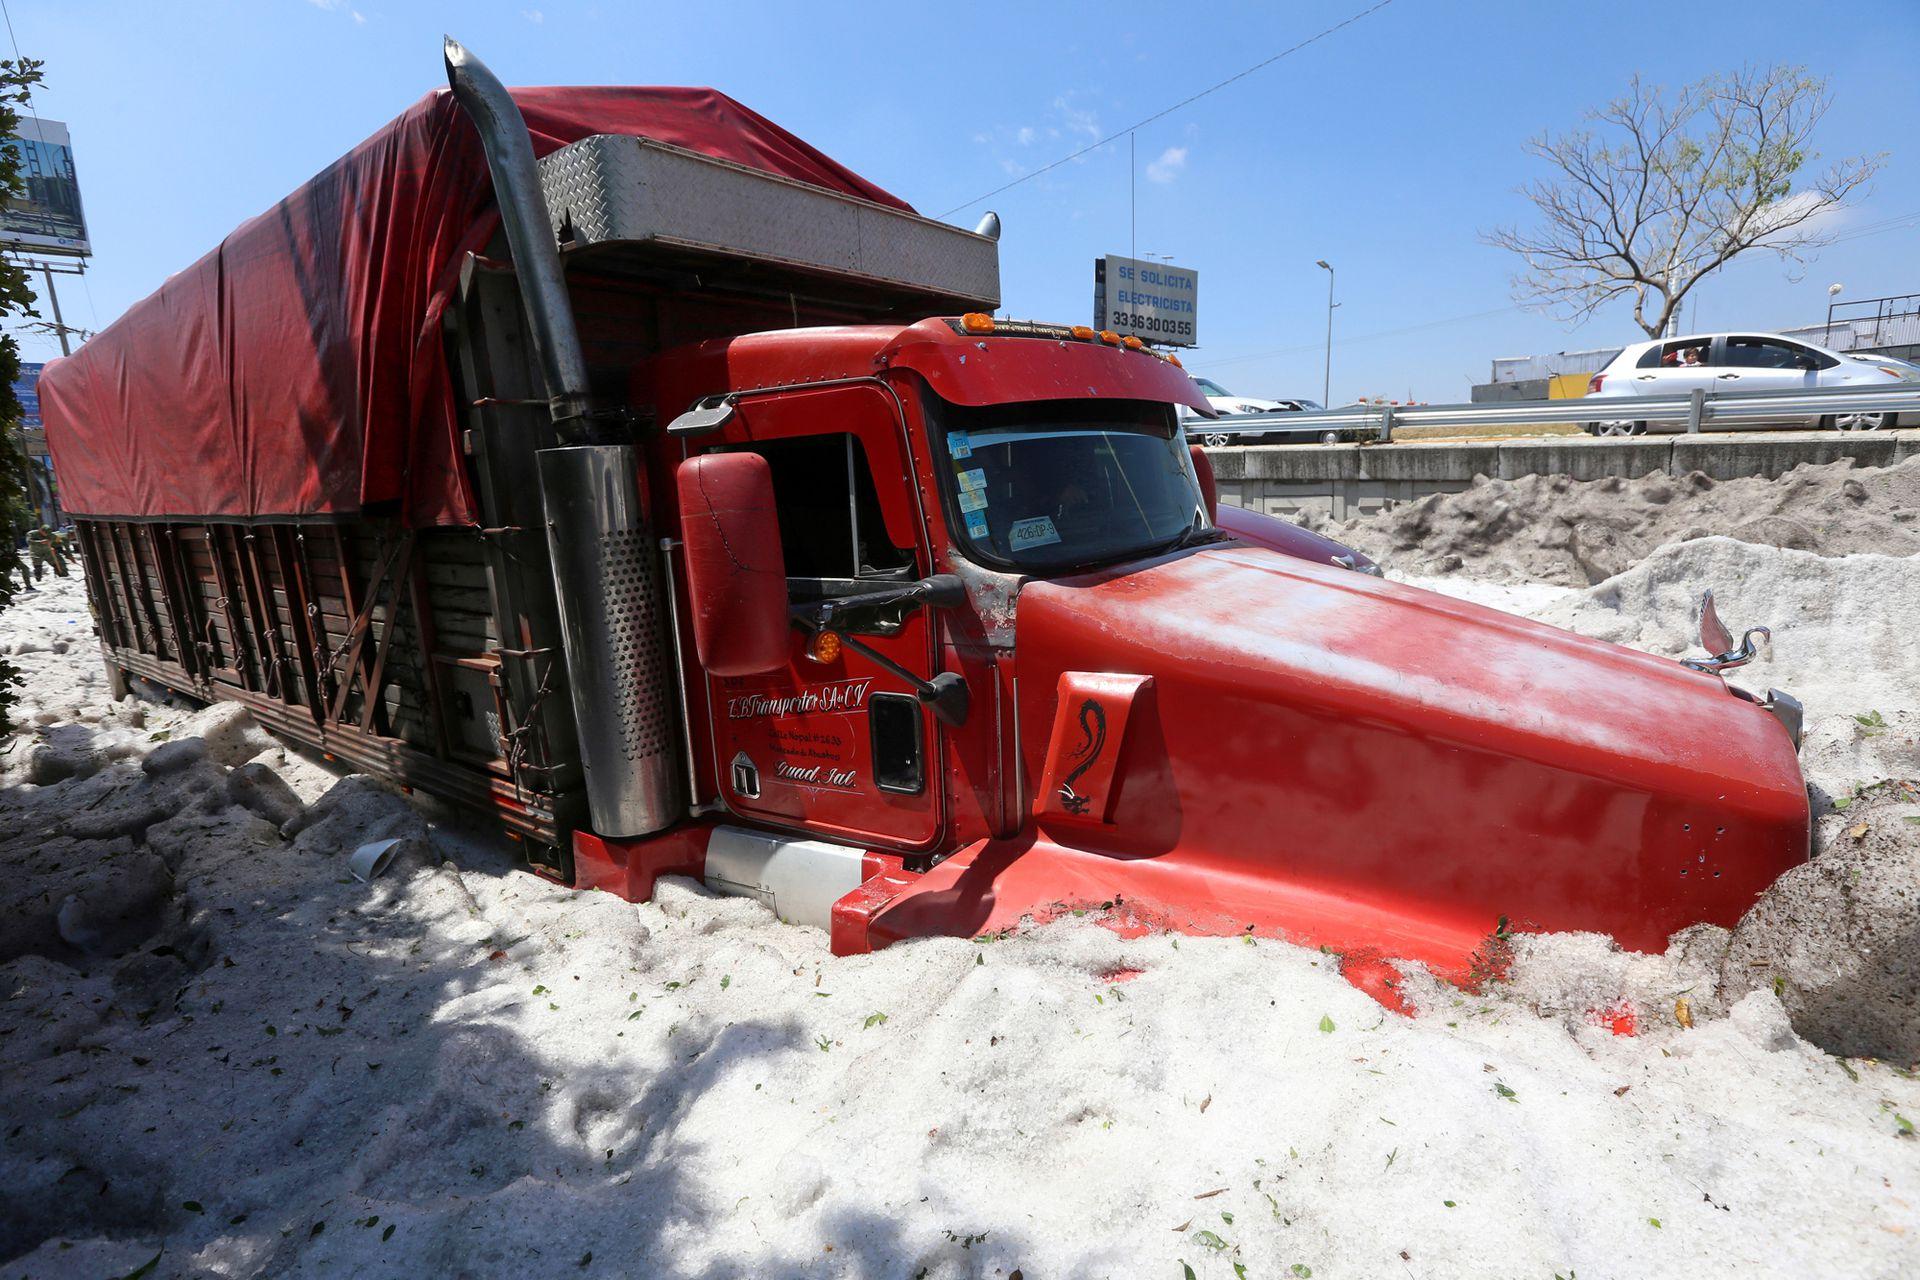 Enormes camiones sorprendidos por la granizada quedaron varados